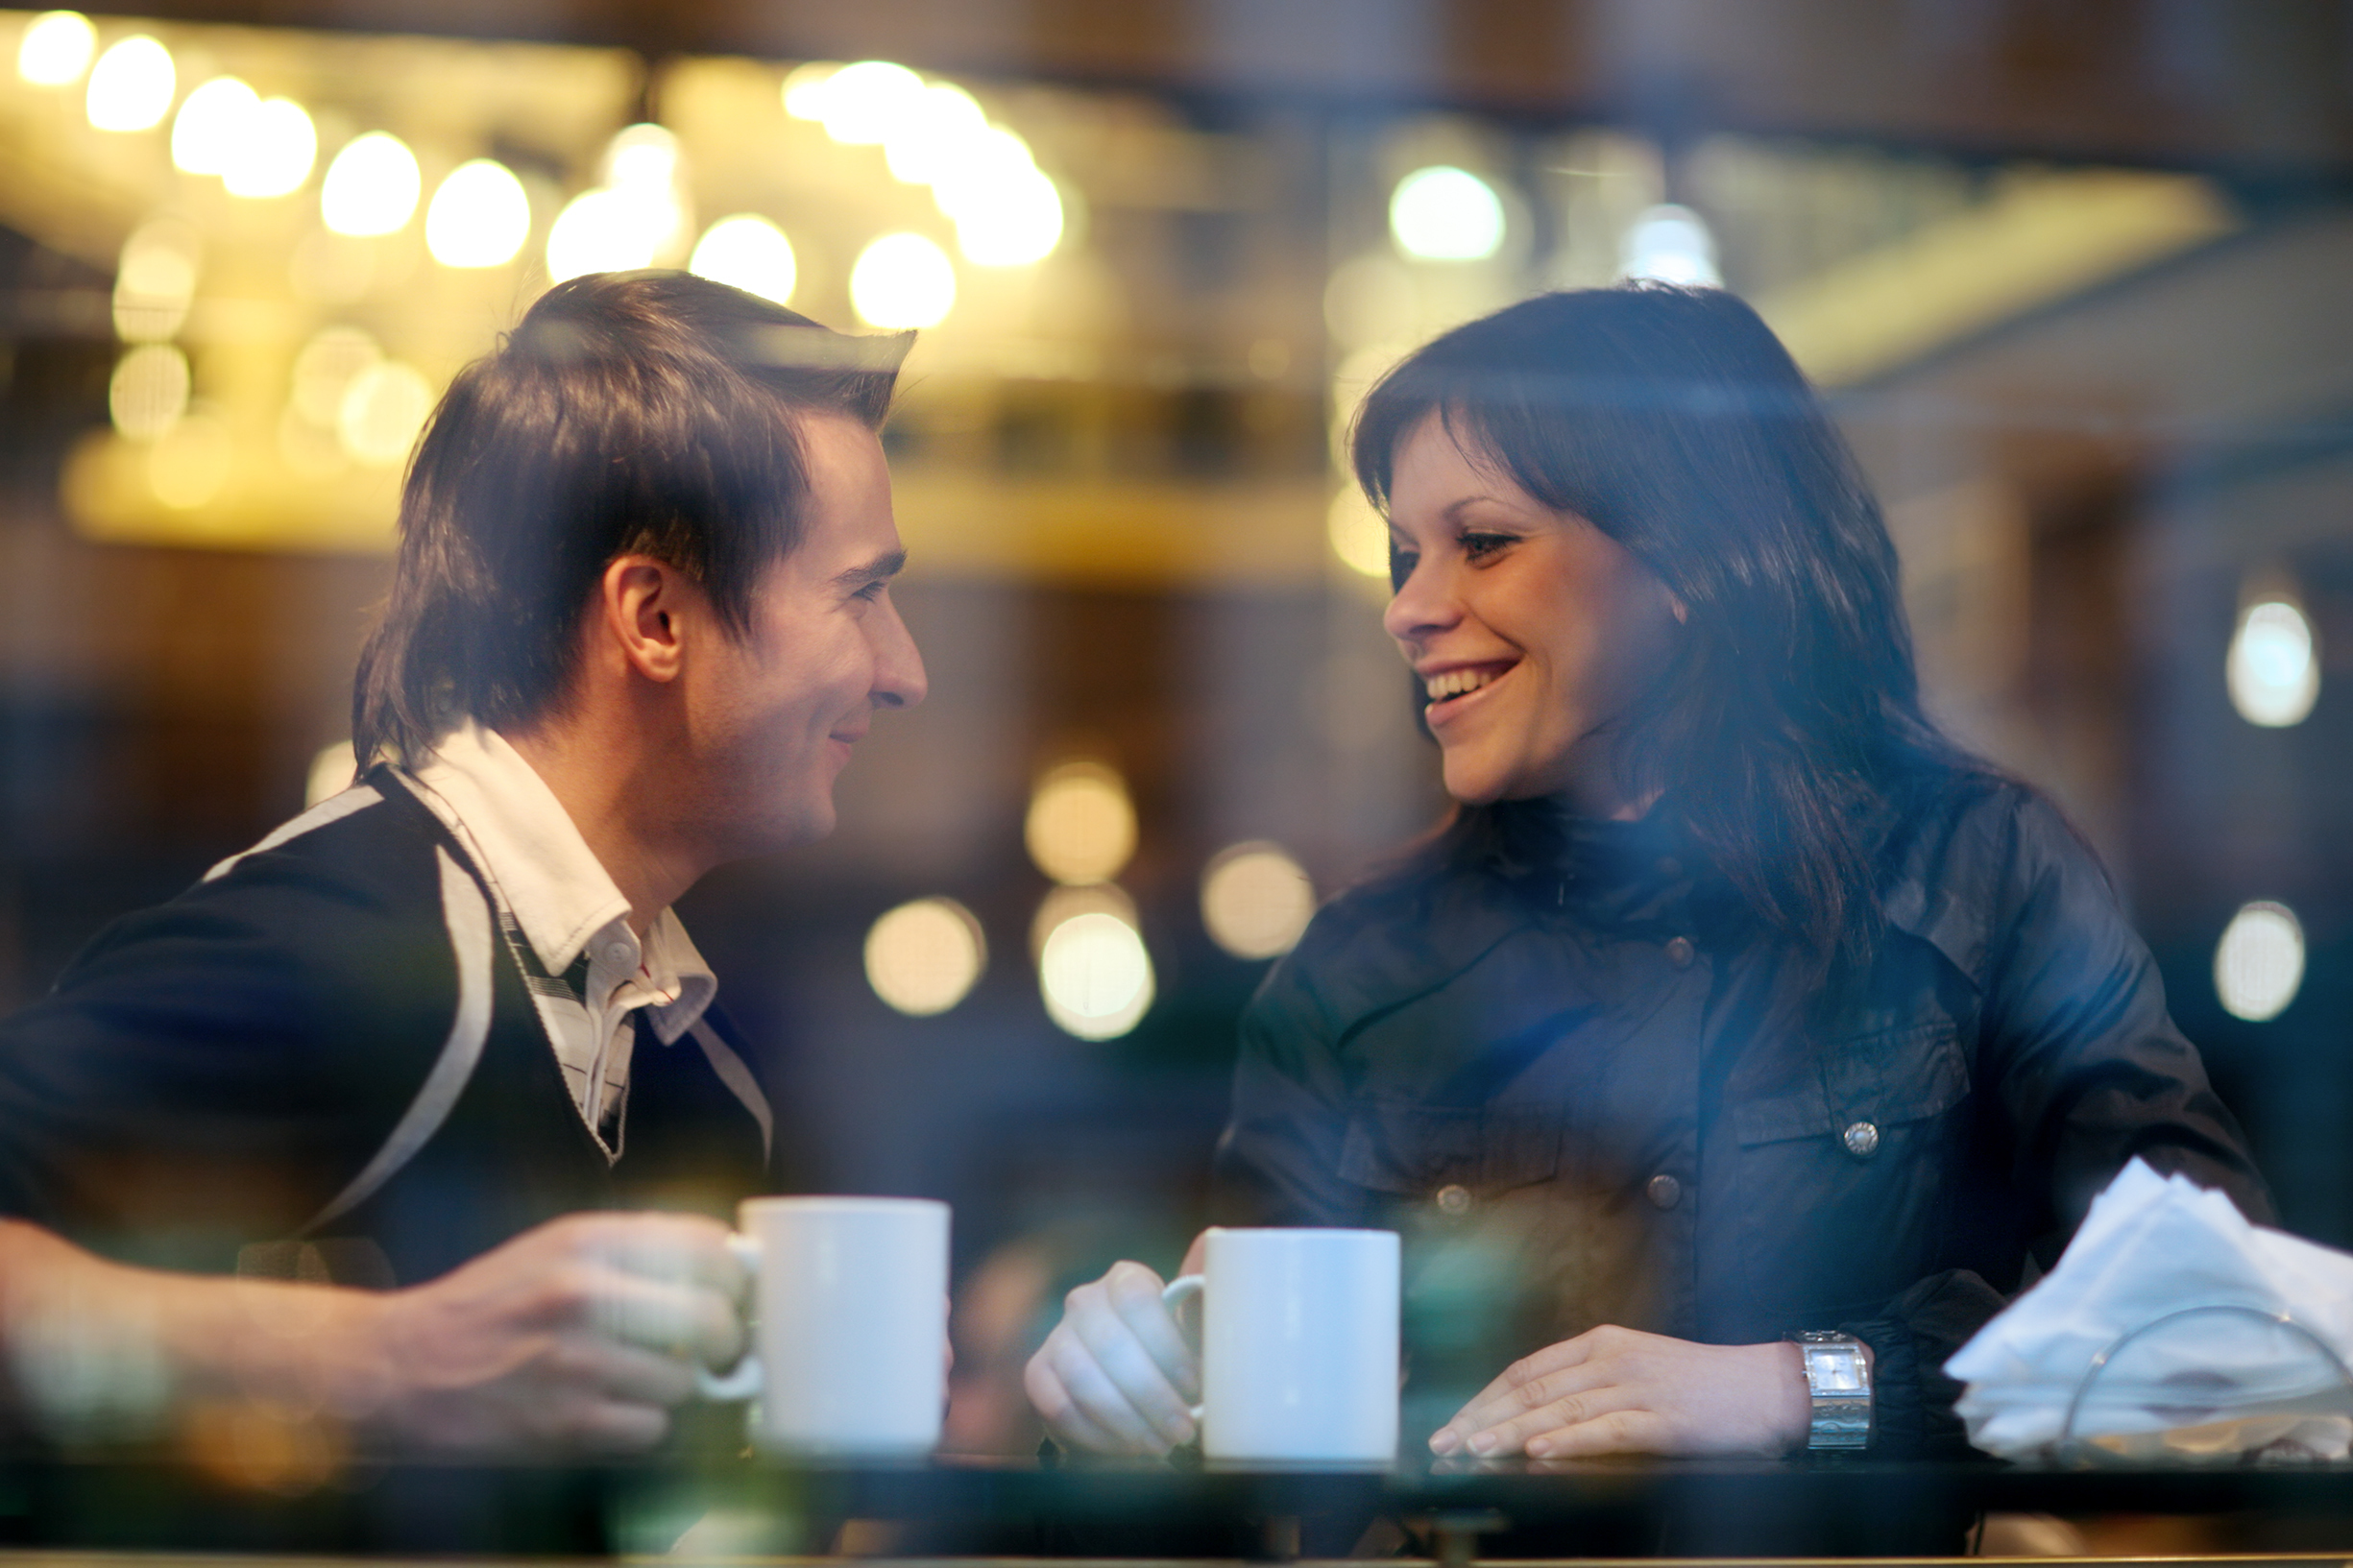 Секс в кафе на столике 8 фотография